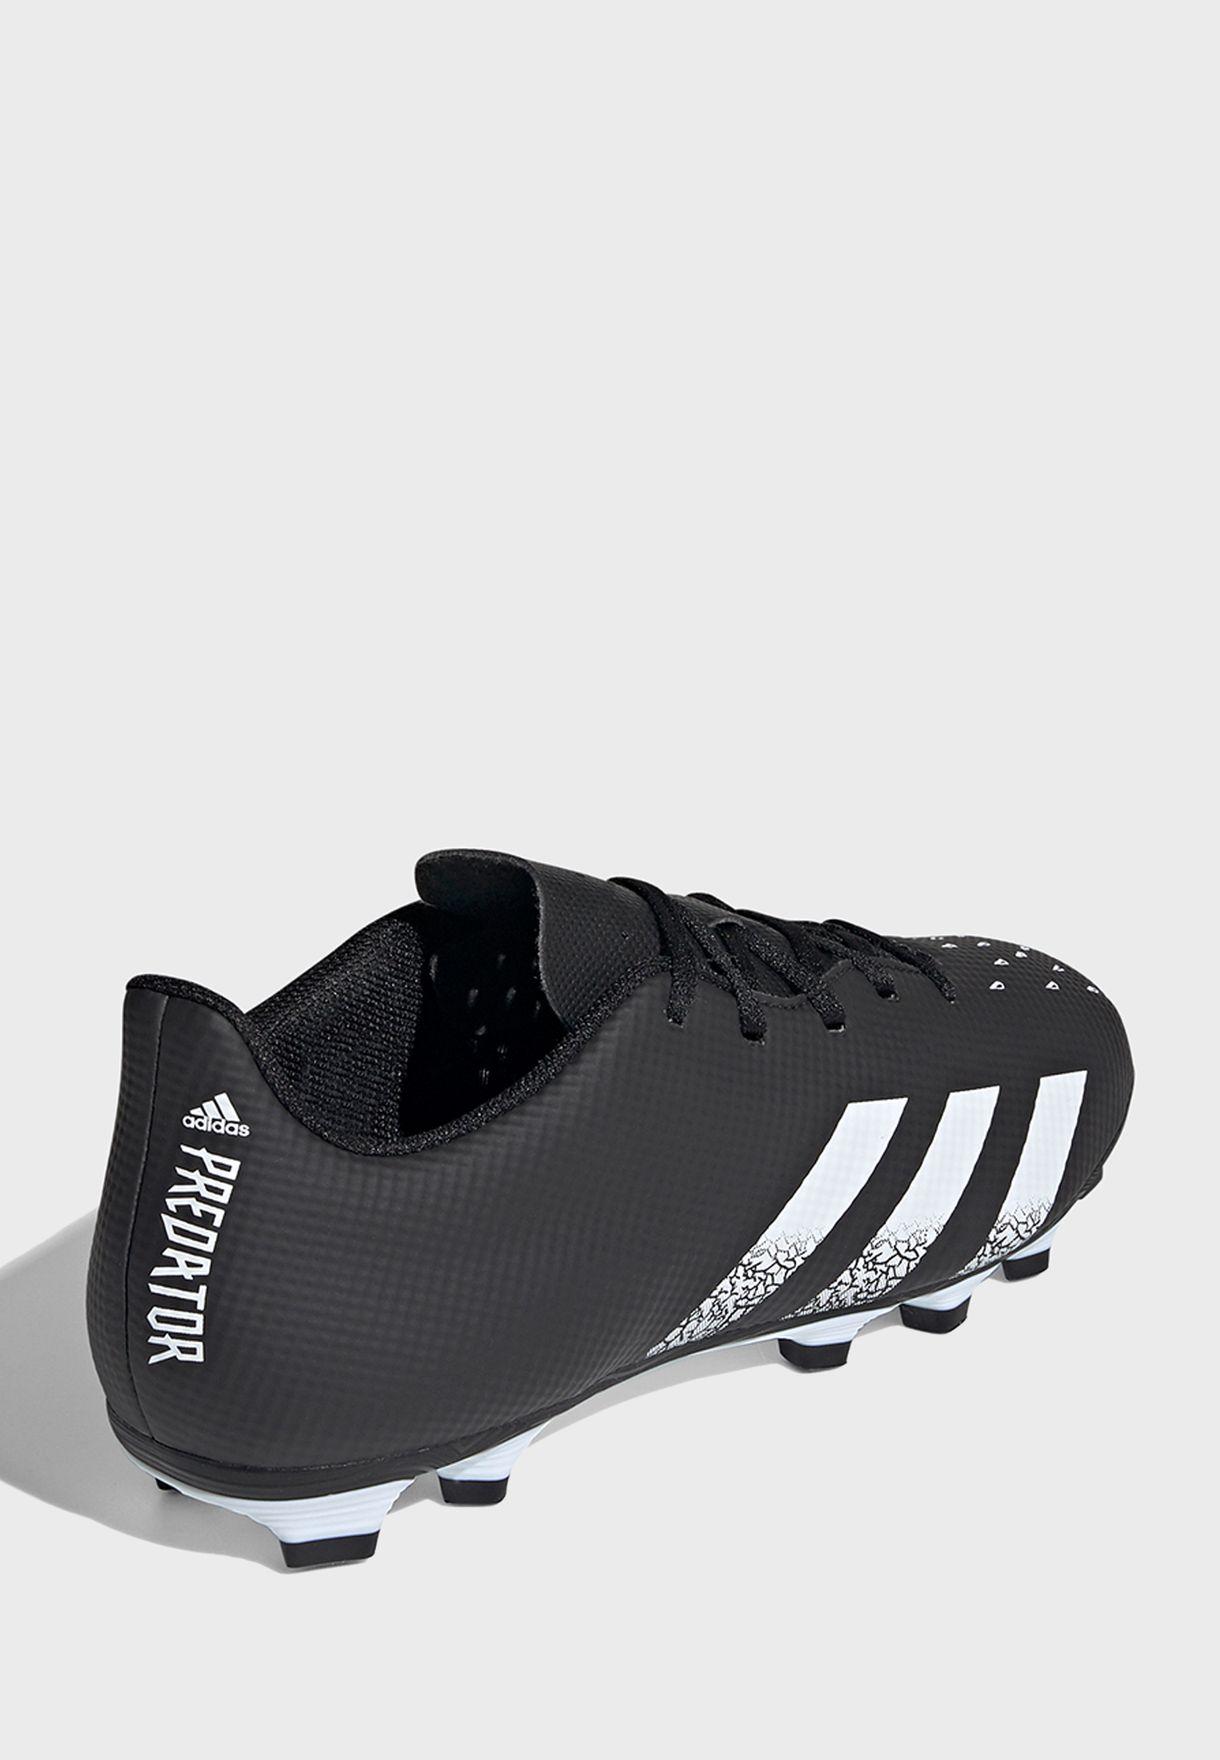 حذاء بريداتور فريك .4 لكرة القدم